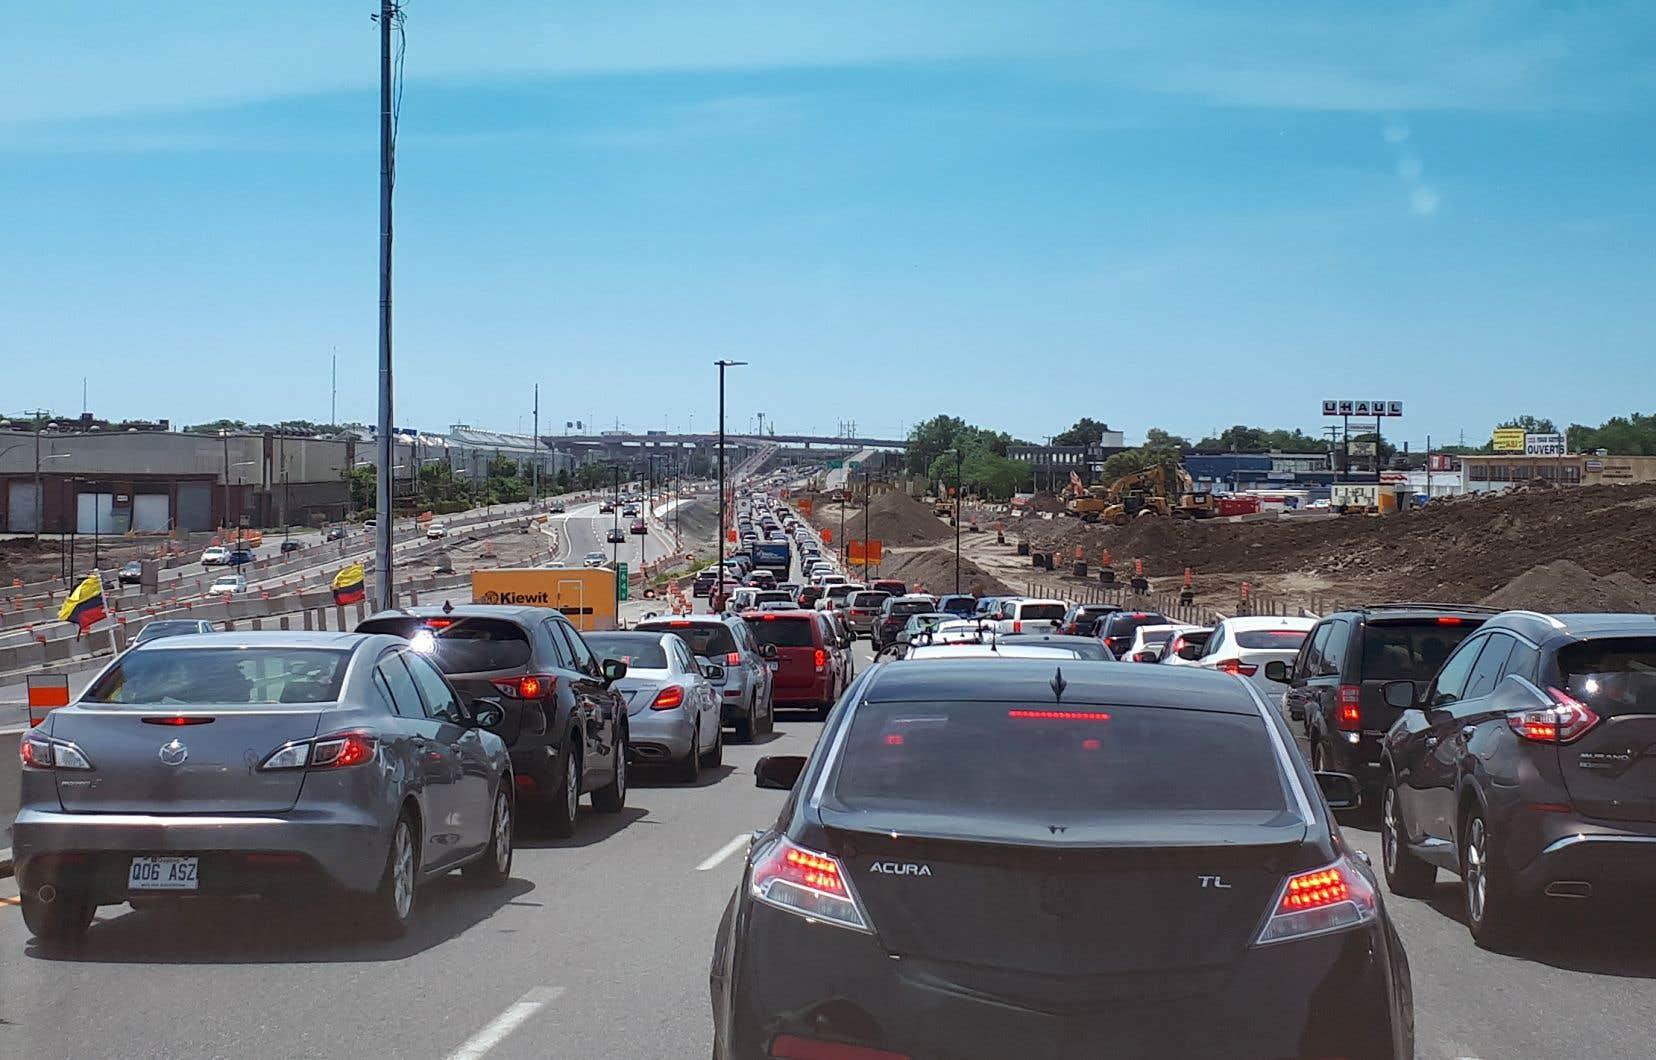 Chaque année, le nombre d'automobiles à Montréal augmente de près de 10 000 unités. Pour permettre à tous ces chevaux d'acier de rouler et de s'arrêter, il faut compter sur de plus en plus d'infrastructures.